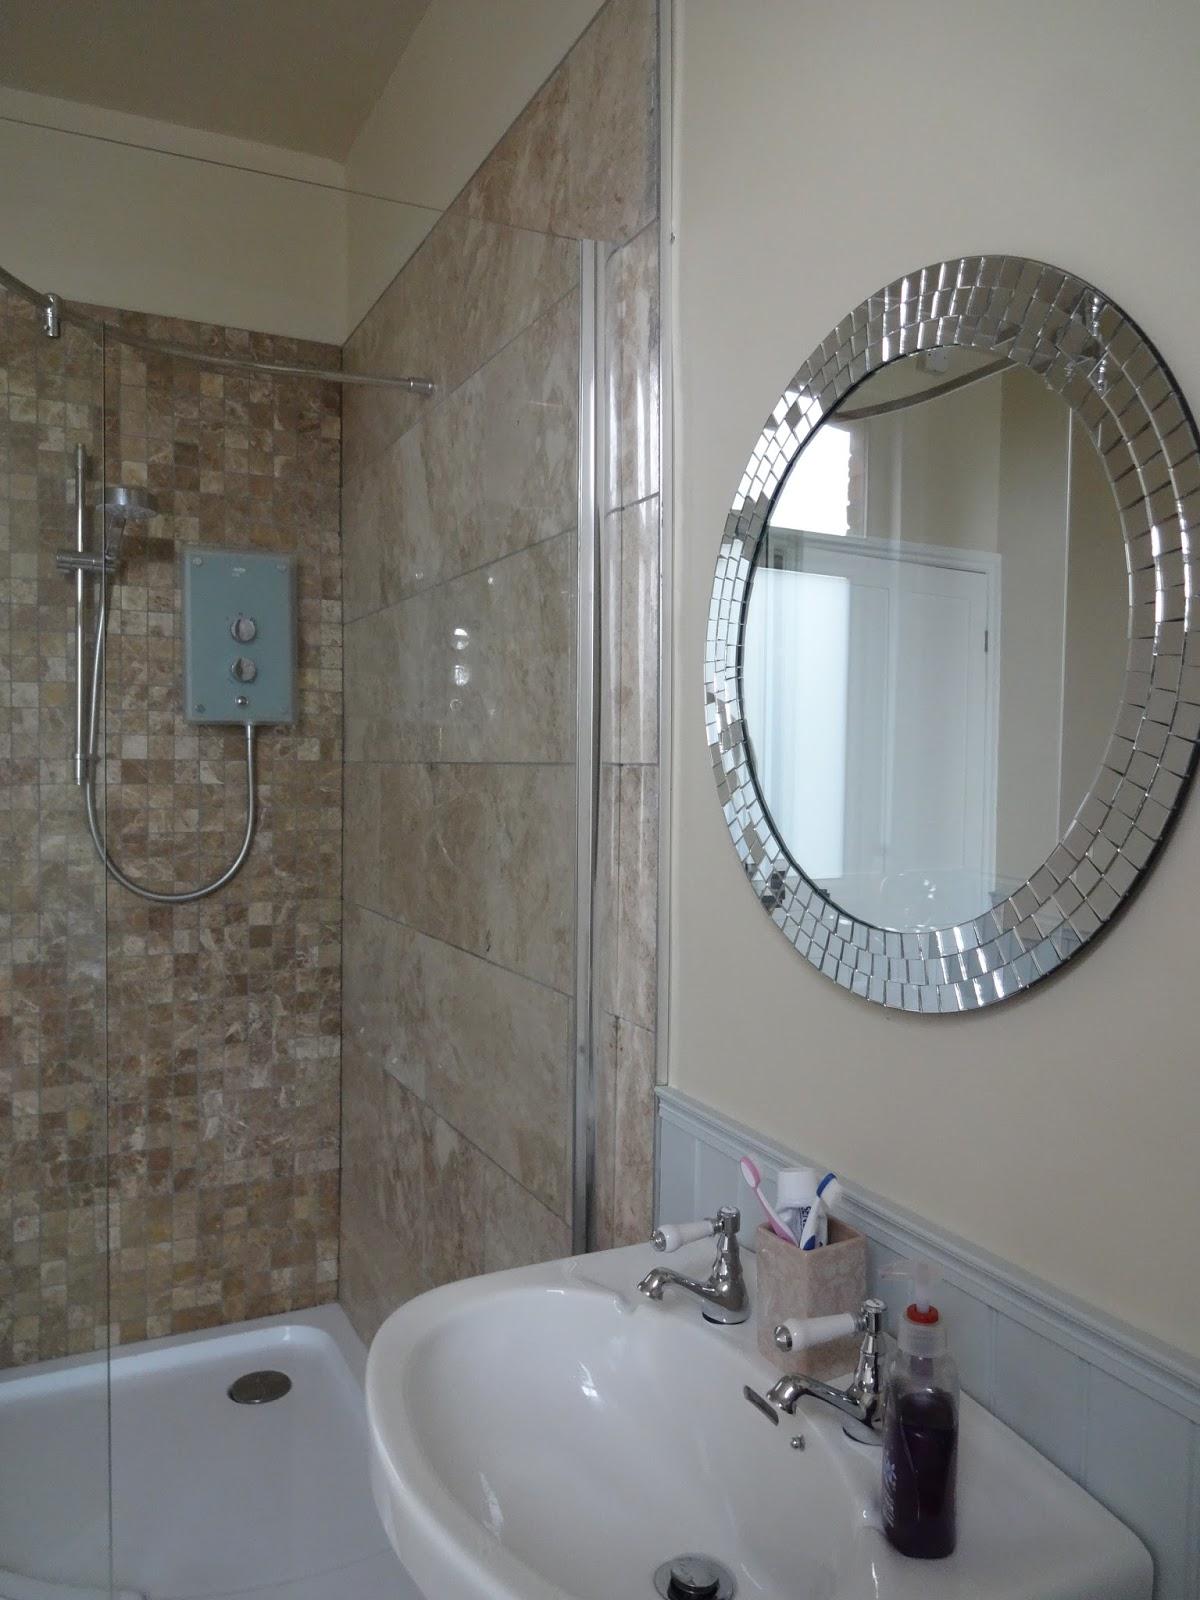 Easy Installation Bathroom Mirrors Kezzabeth Diy